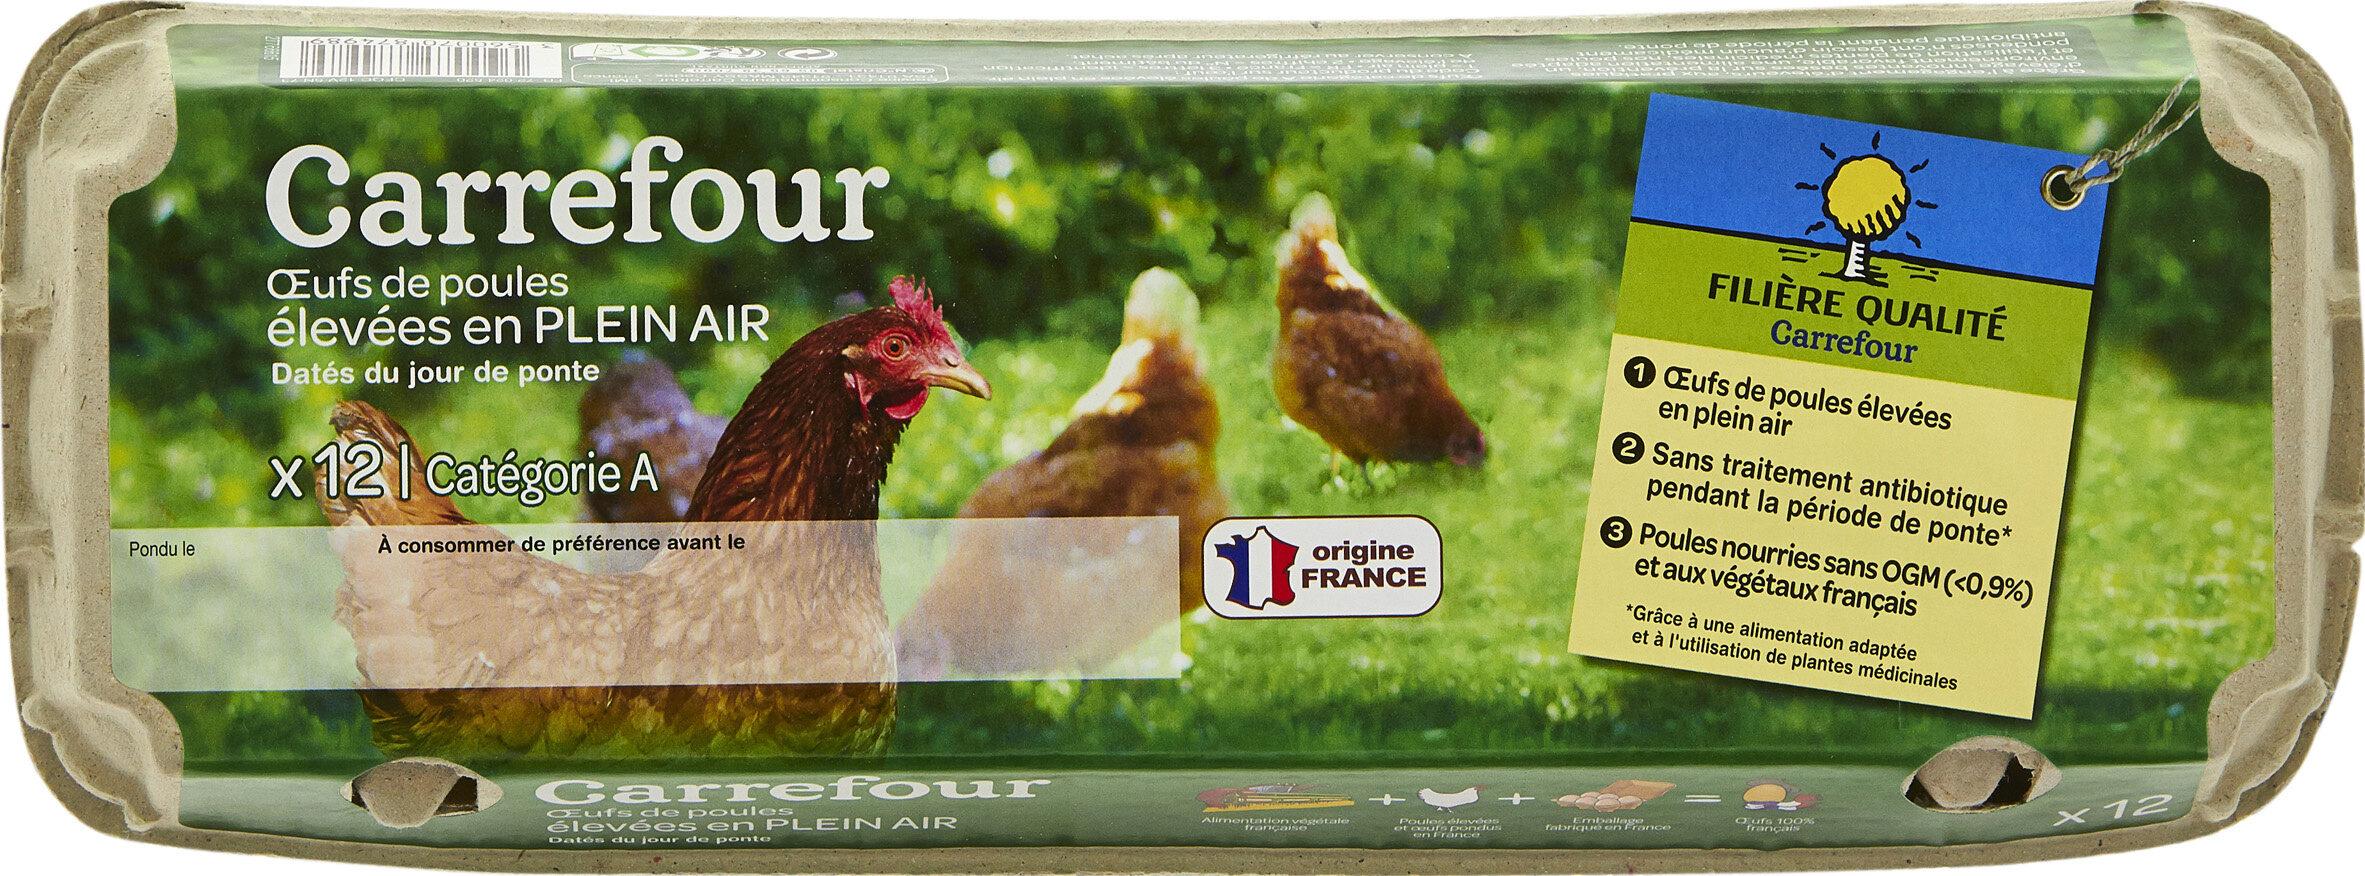 12 oeufs de poules élevées en plein air - Produit - fr